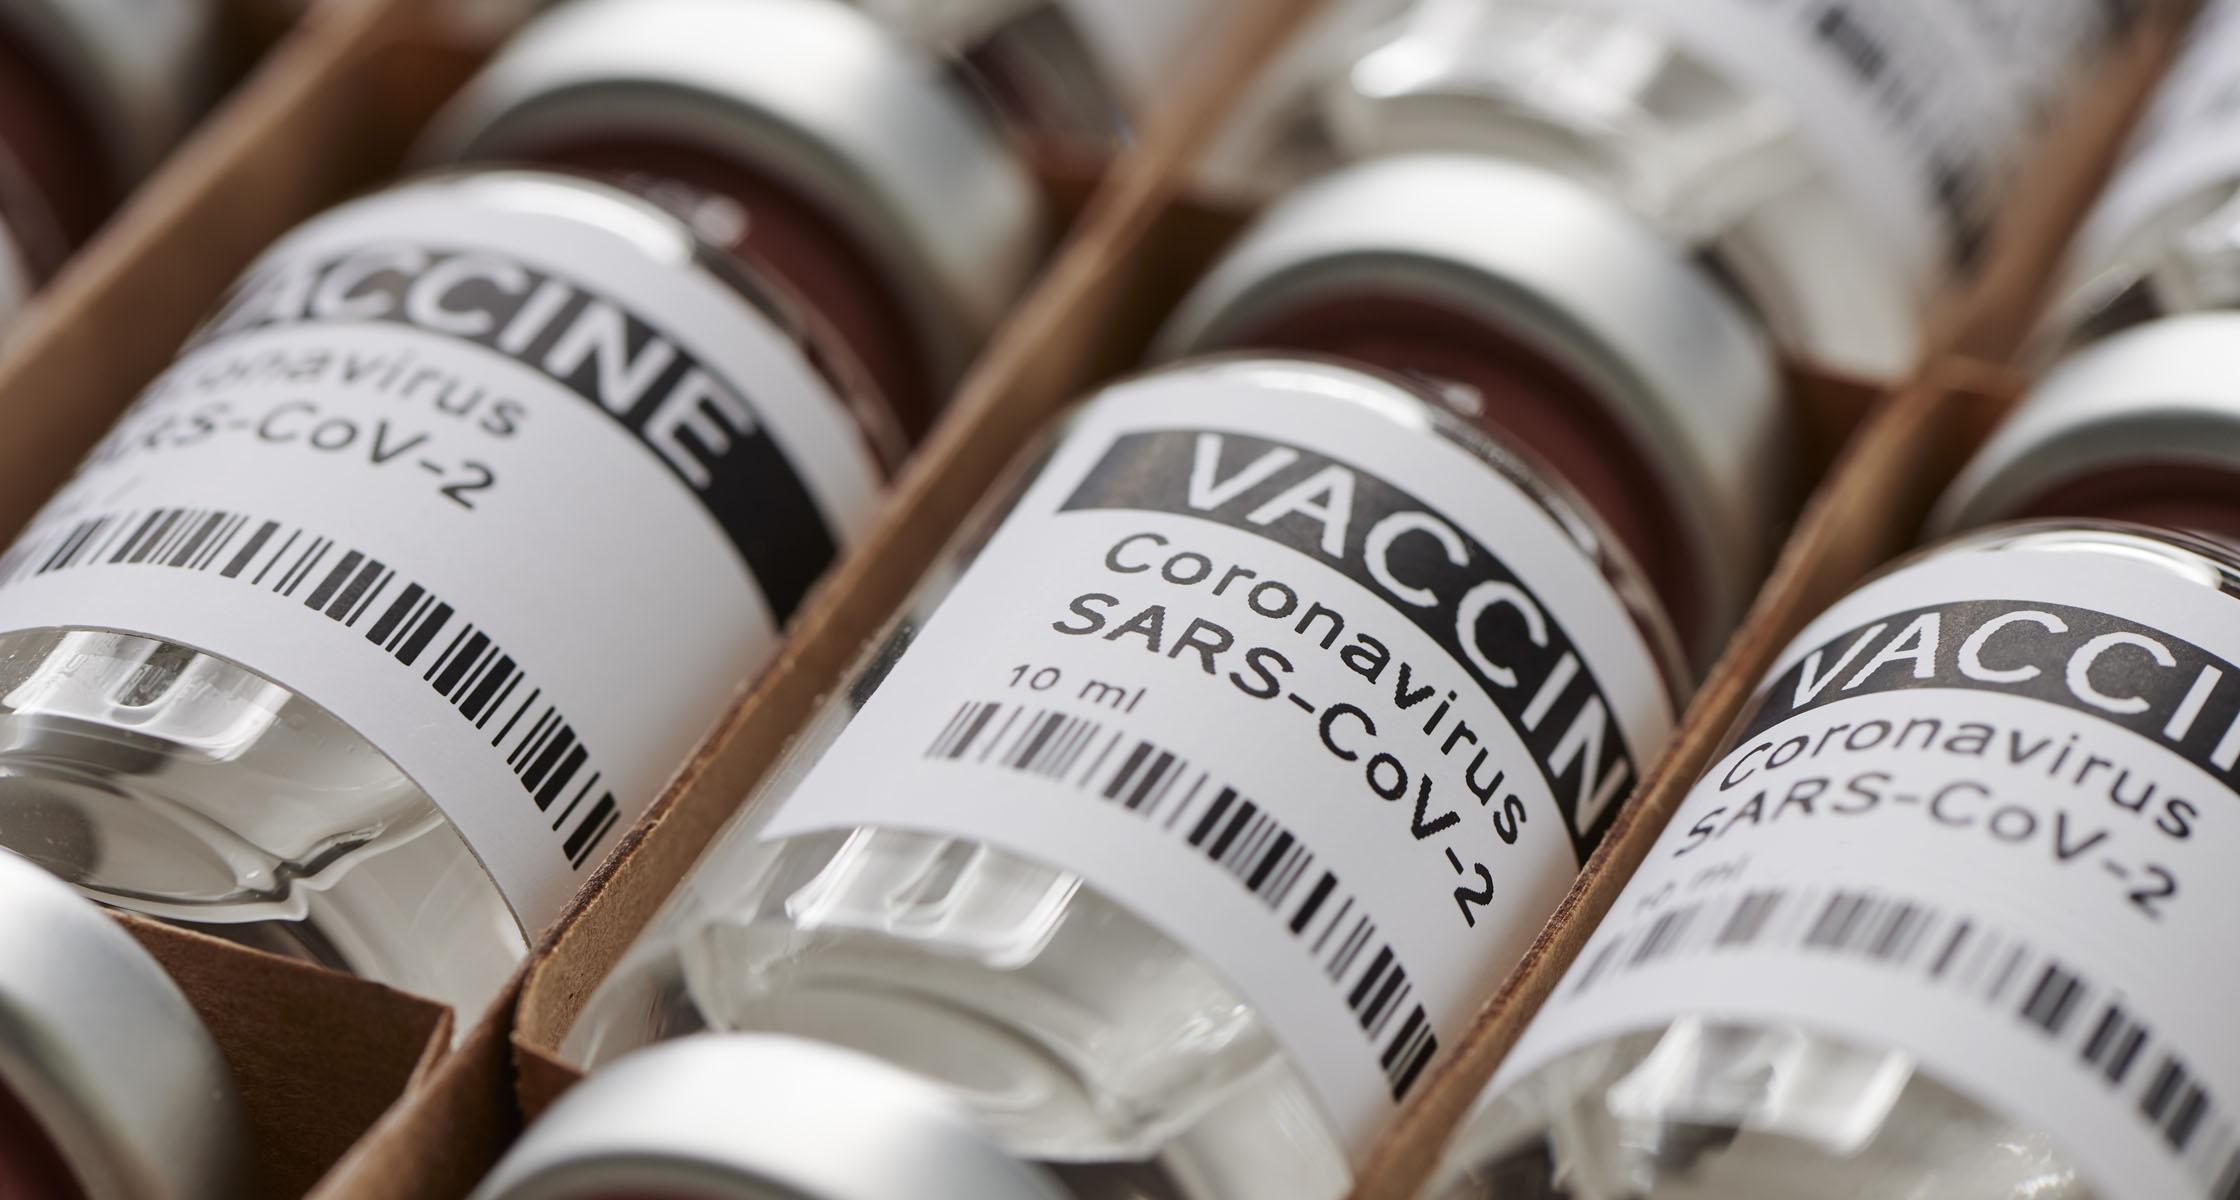 Rki Alltag Bleibt Auch Mit Impfstoff Zunachst Eingeschrankt